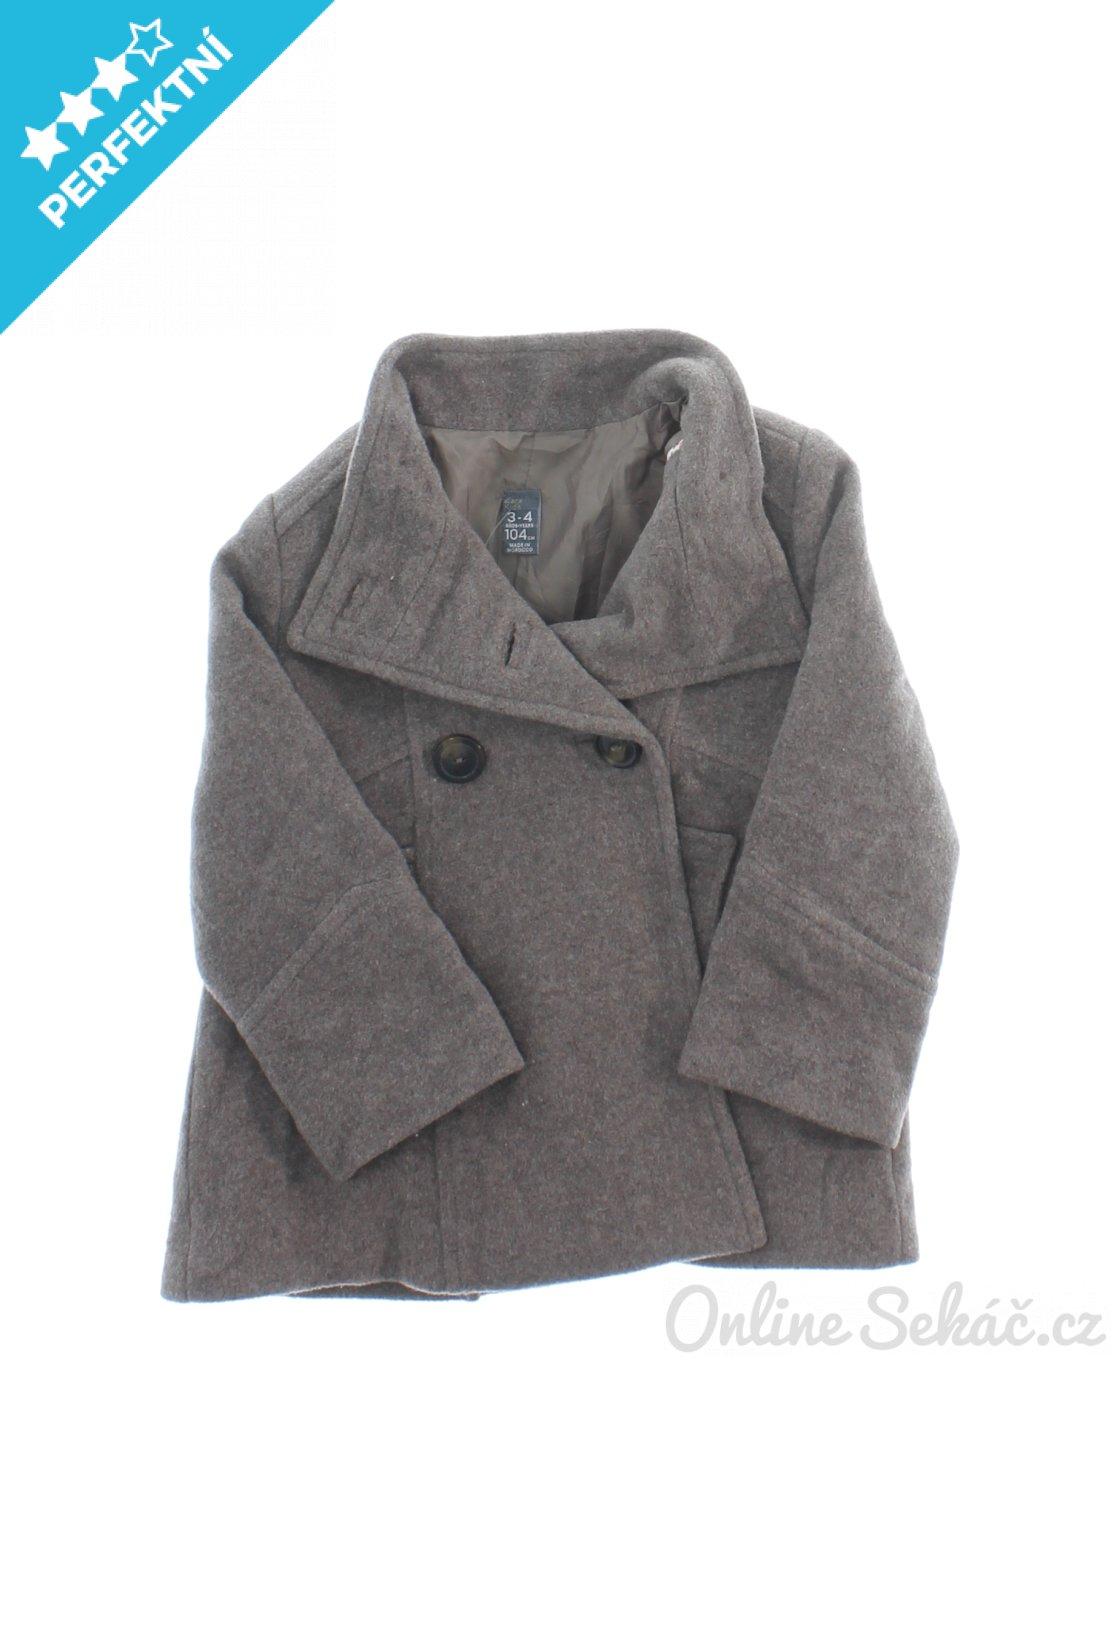 c507cb43b7 Second hand   Dětský jarní či podzimní kabát ZARA 104